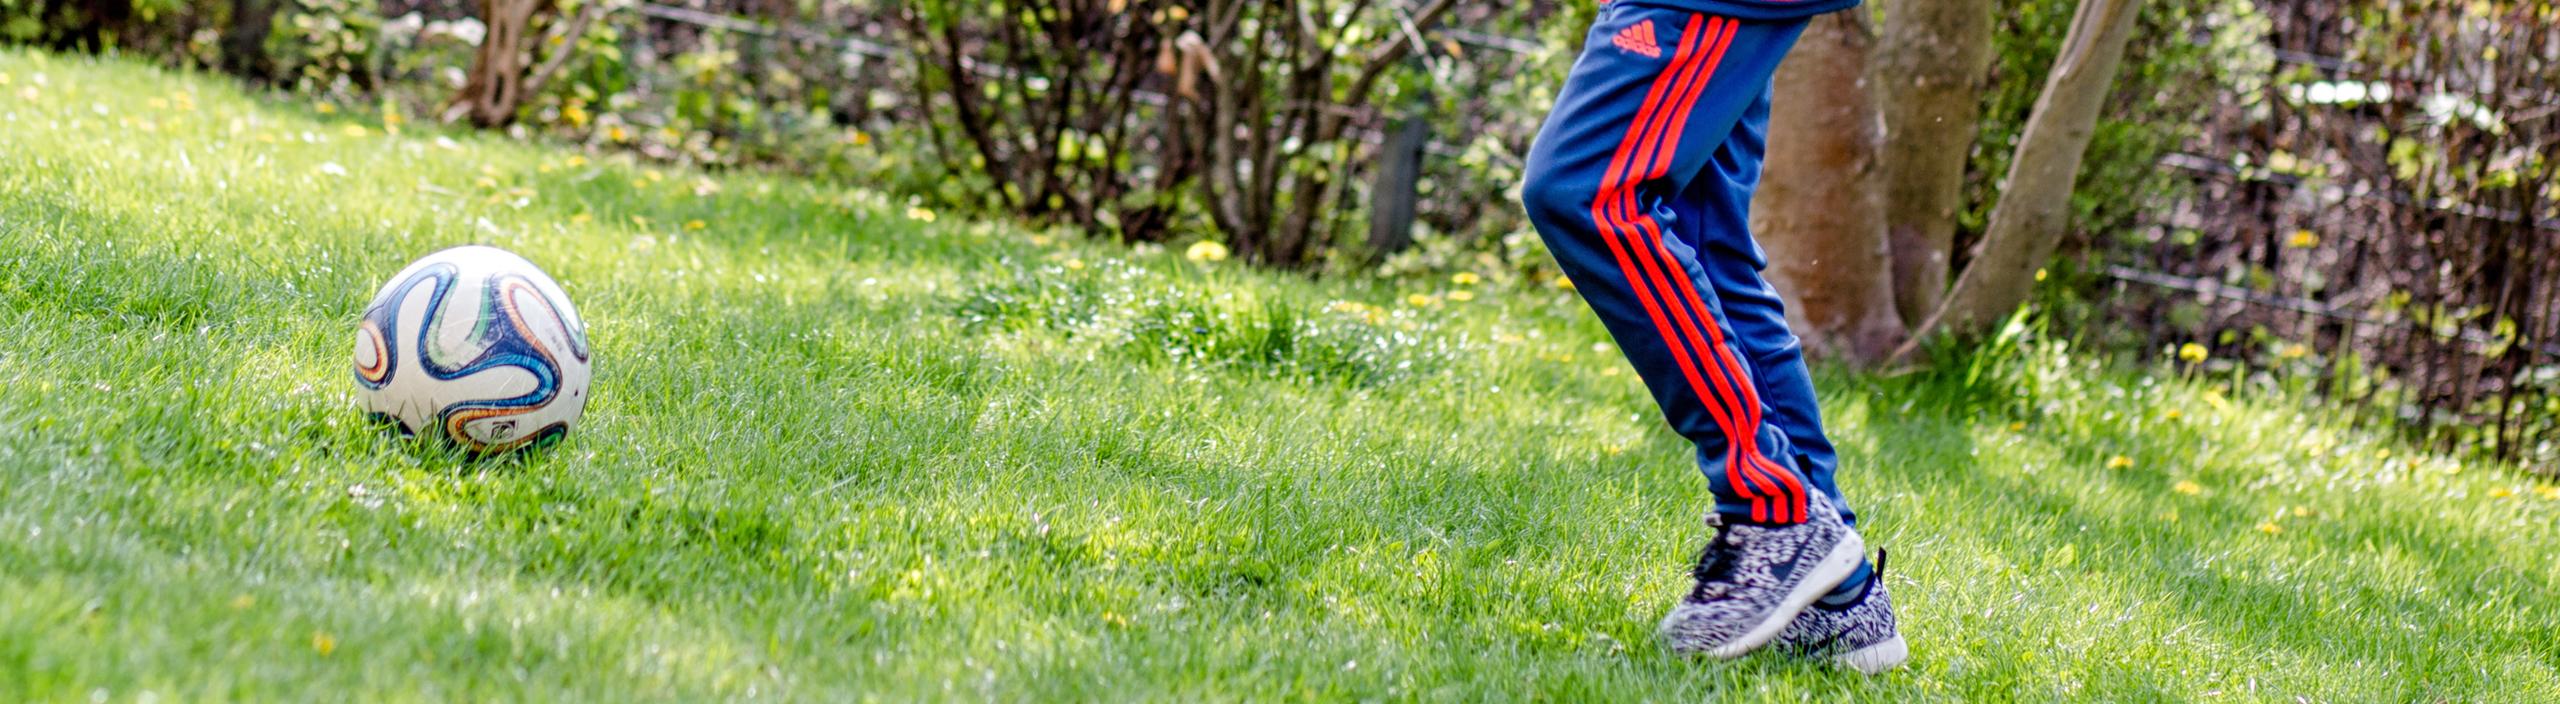 Kinderfußball: Wenn die Konsole den Bolzplatz ersetzt